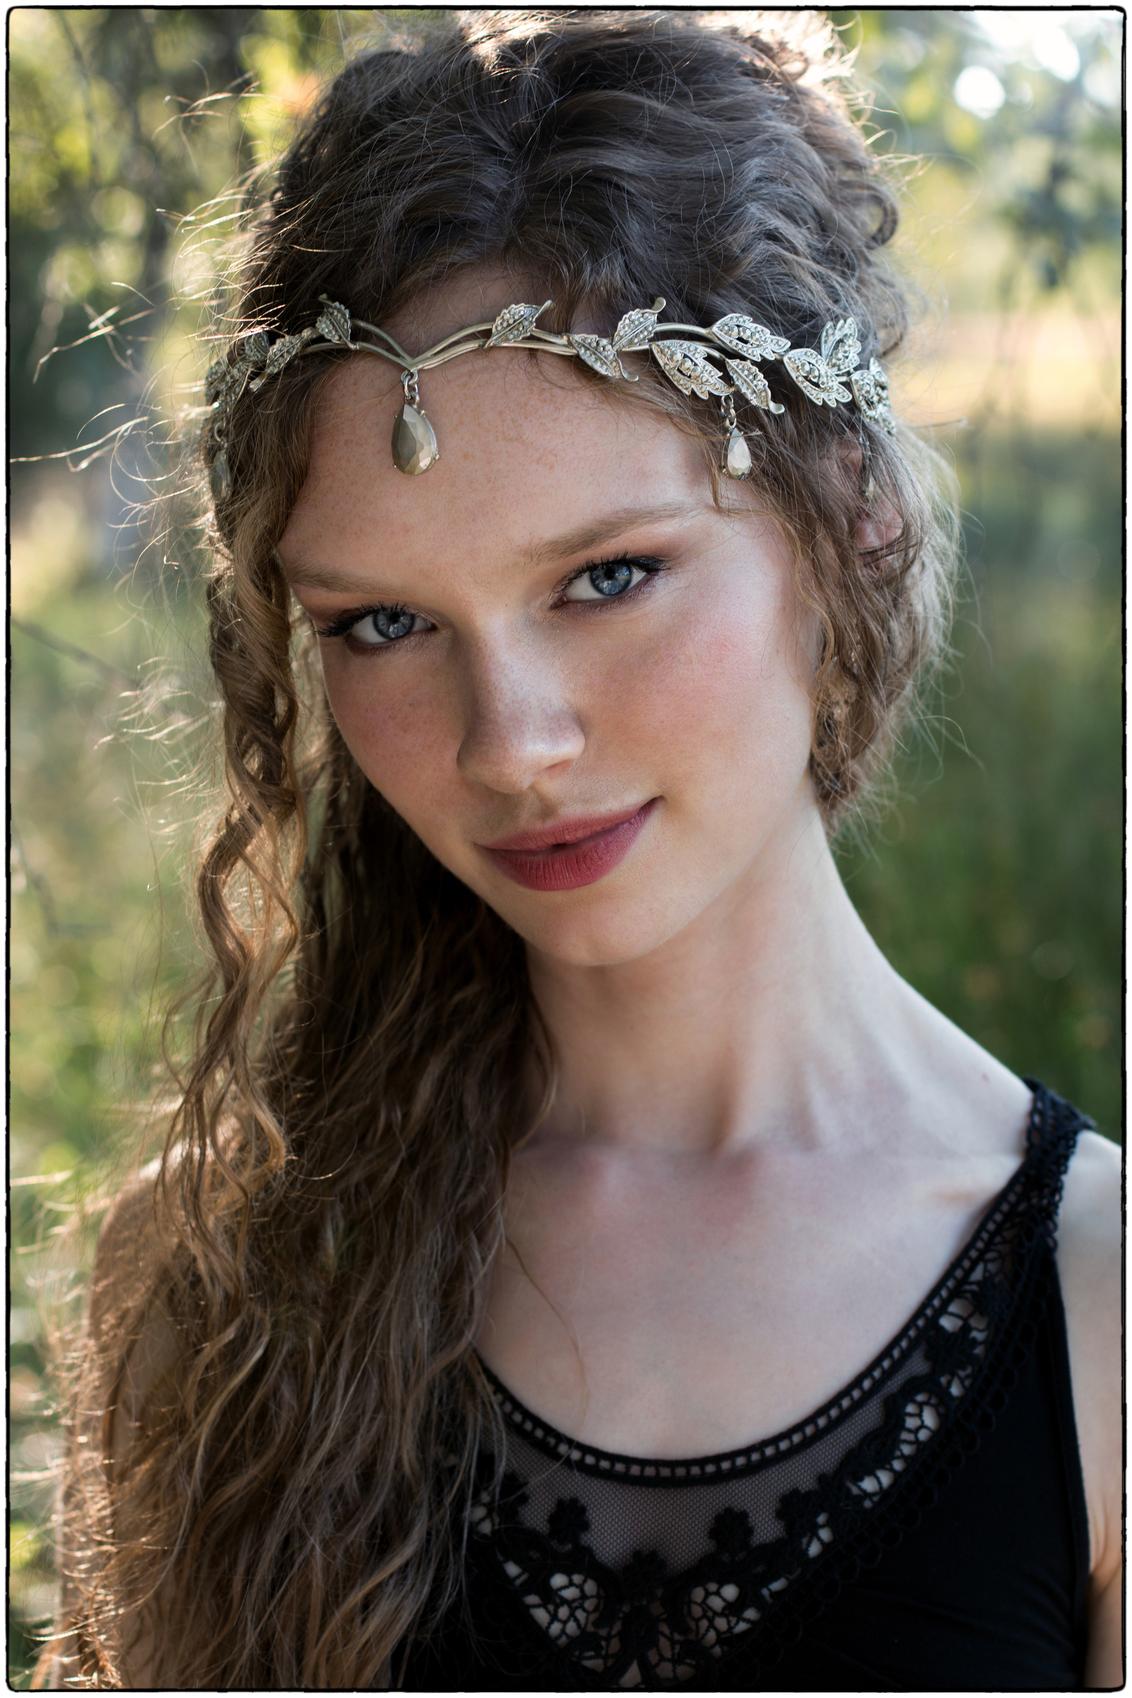 | n a d i a | - - zomers plaatje van mijn favoriete model op mijn favoriete locatie tijdens mijn favoriete seizoen bij heerlijke temperaturen en magische licht.. - - foto door pietbruystens op 04-12-2020 - deze foto bevat: vrouw, licht, portret, model, tegenlicht, zomer, daglicht, ogen, haar, meisje, lief, beauty, emotie, glamour, closeup, fotoshoot, 50mm, goddess, adorable